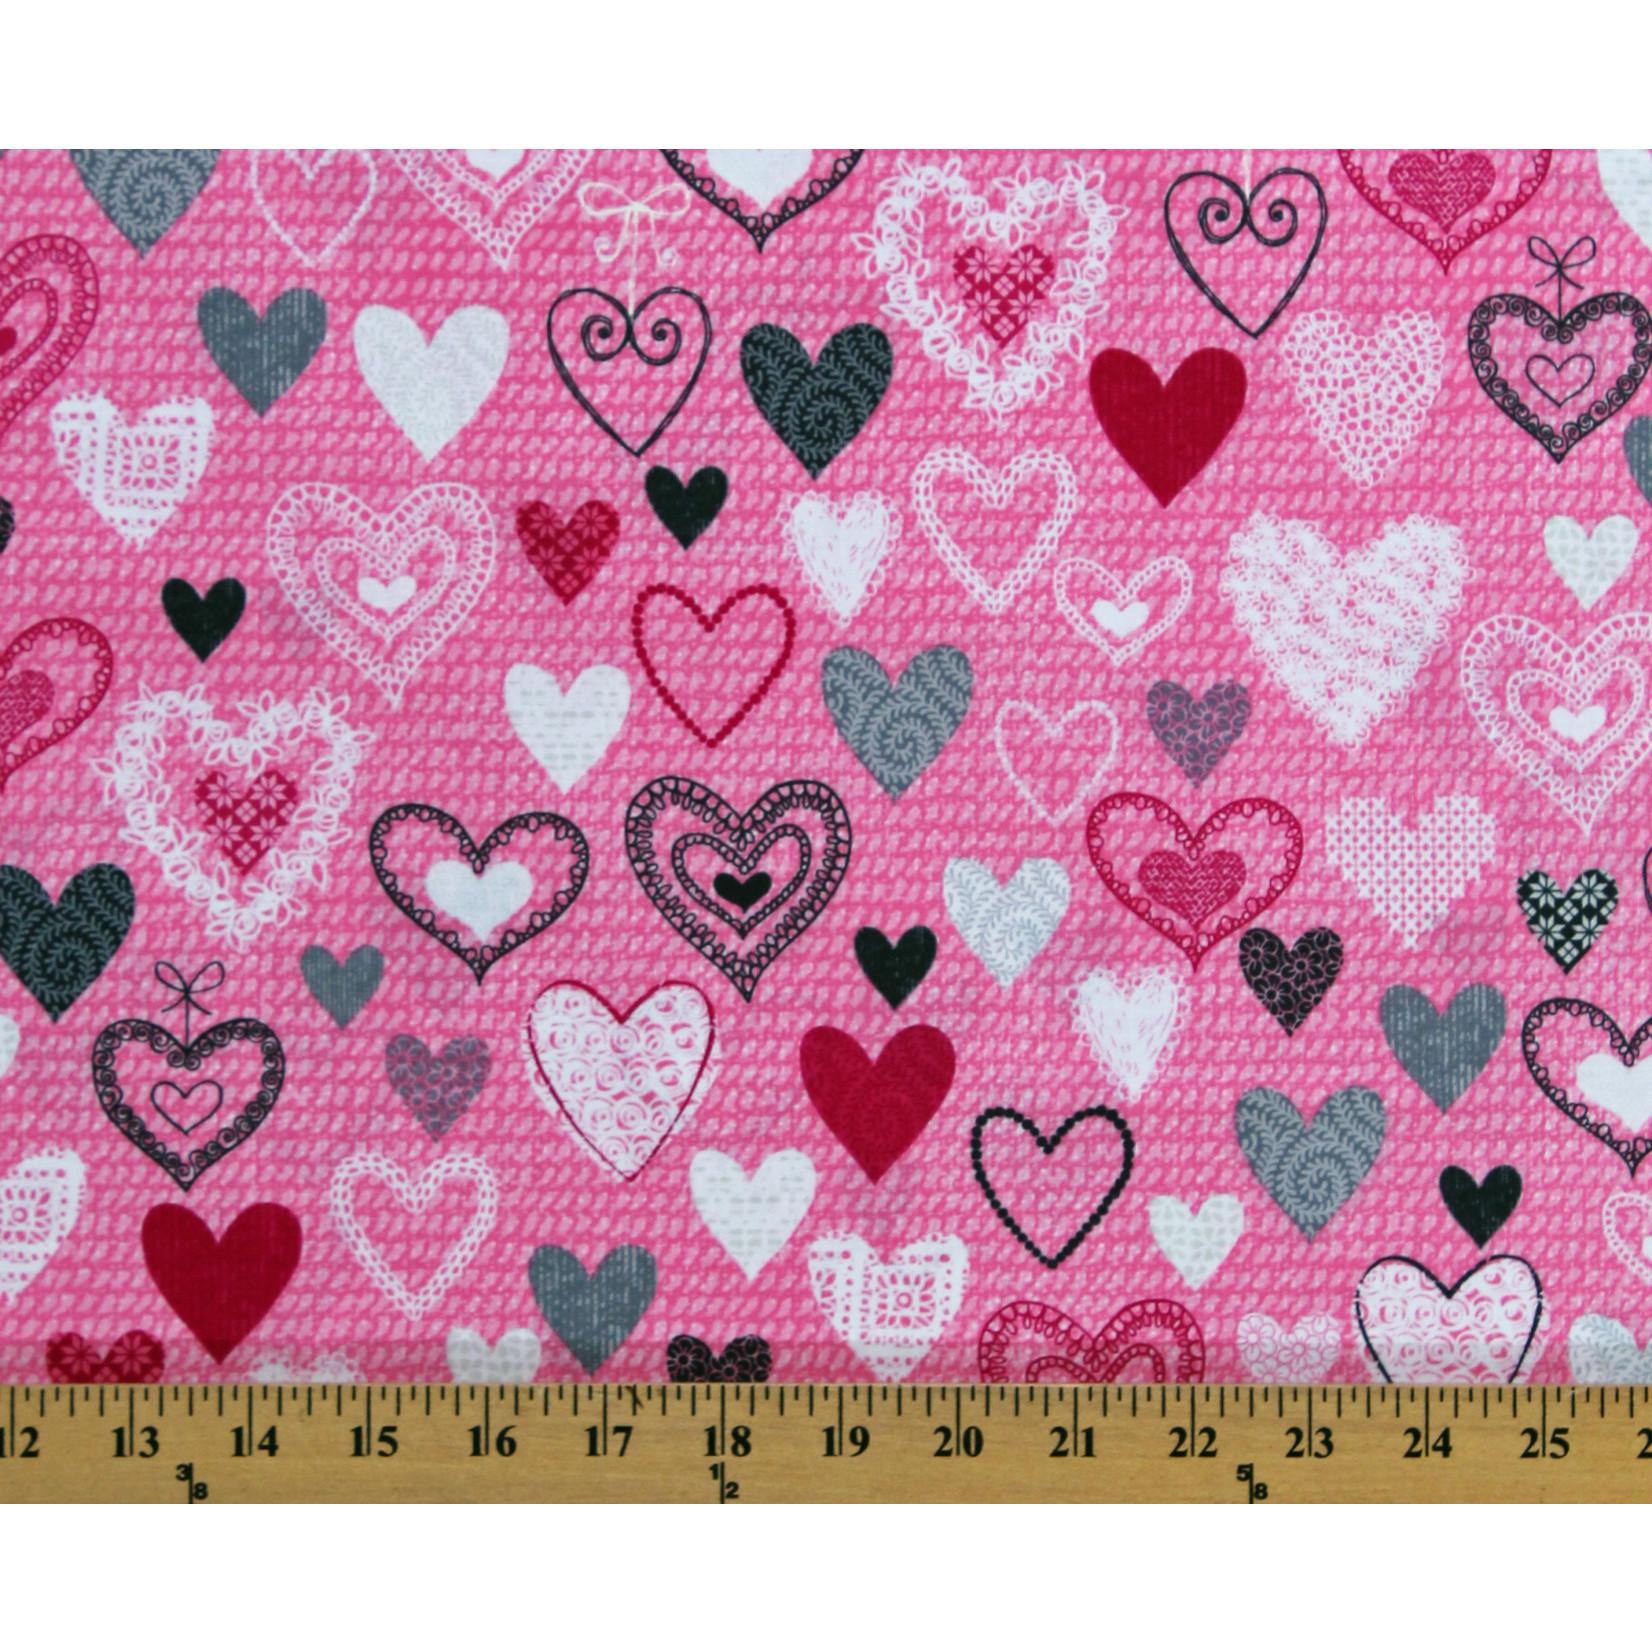 Kanvas Studio Knit Together - Hearts - Pink